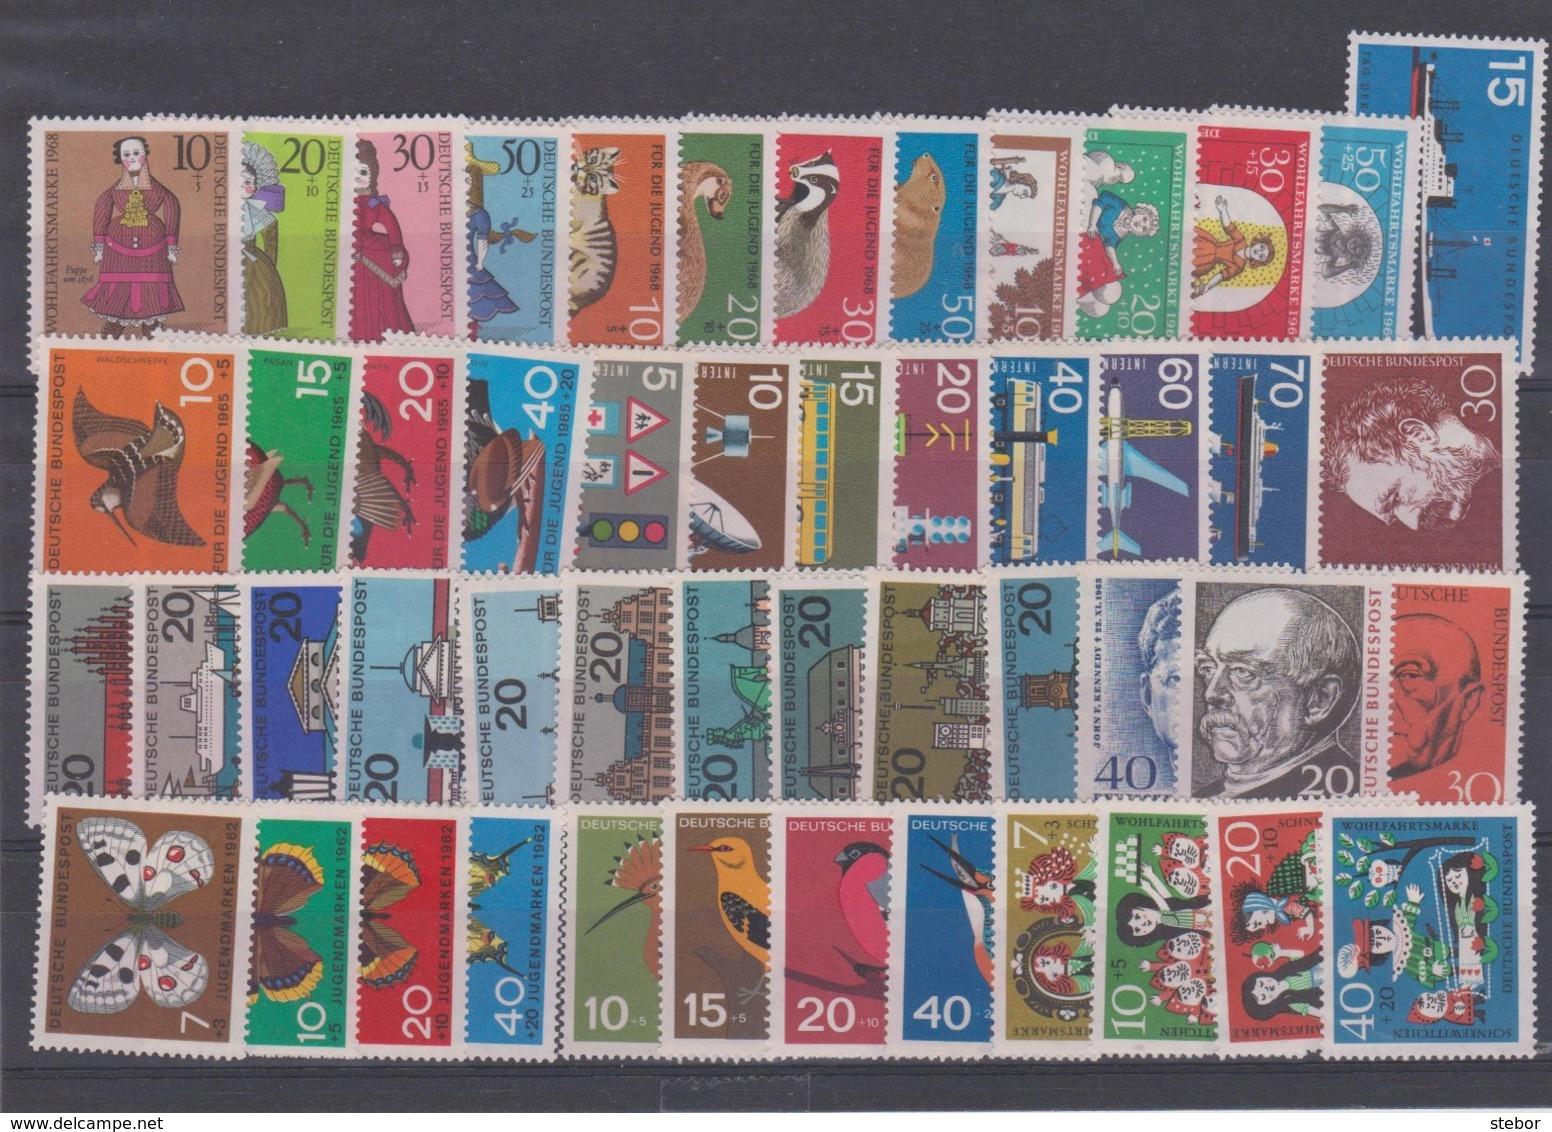 Duitsland Kleine Verzameling **, Mooi Lot K976 - Timbres